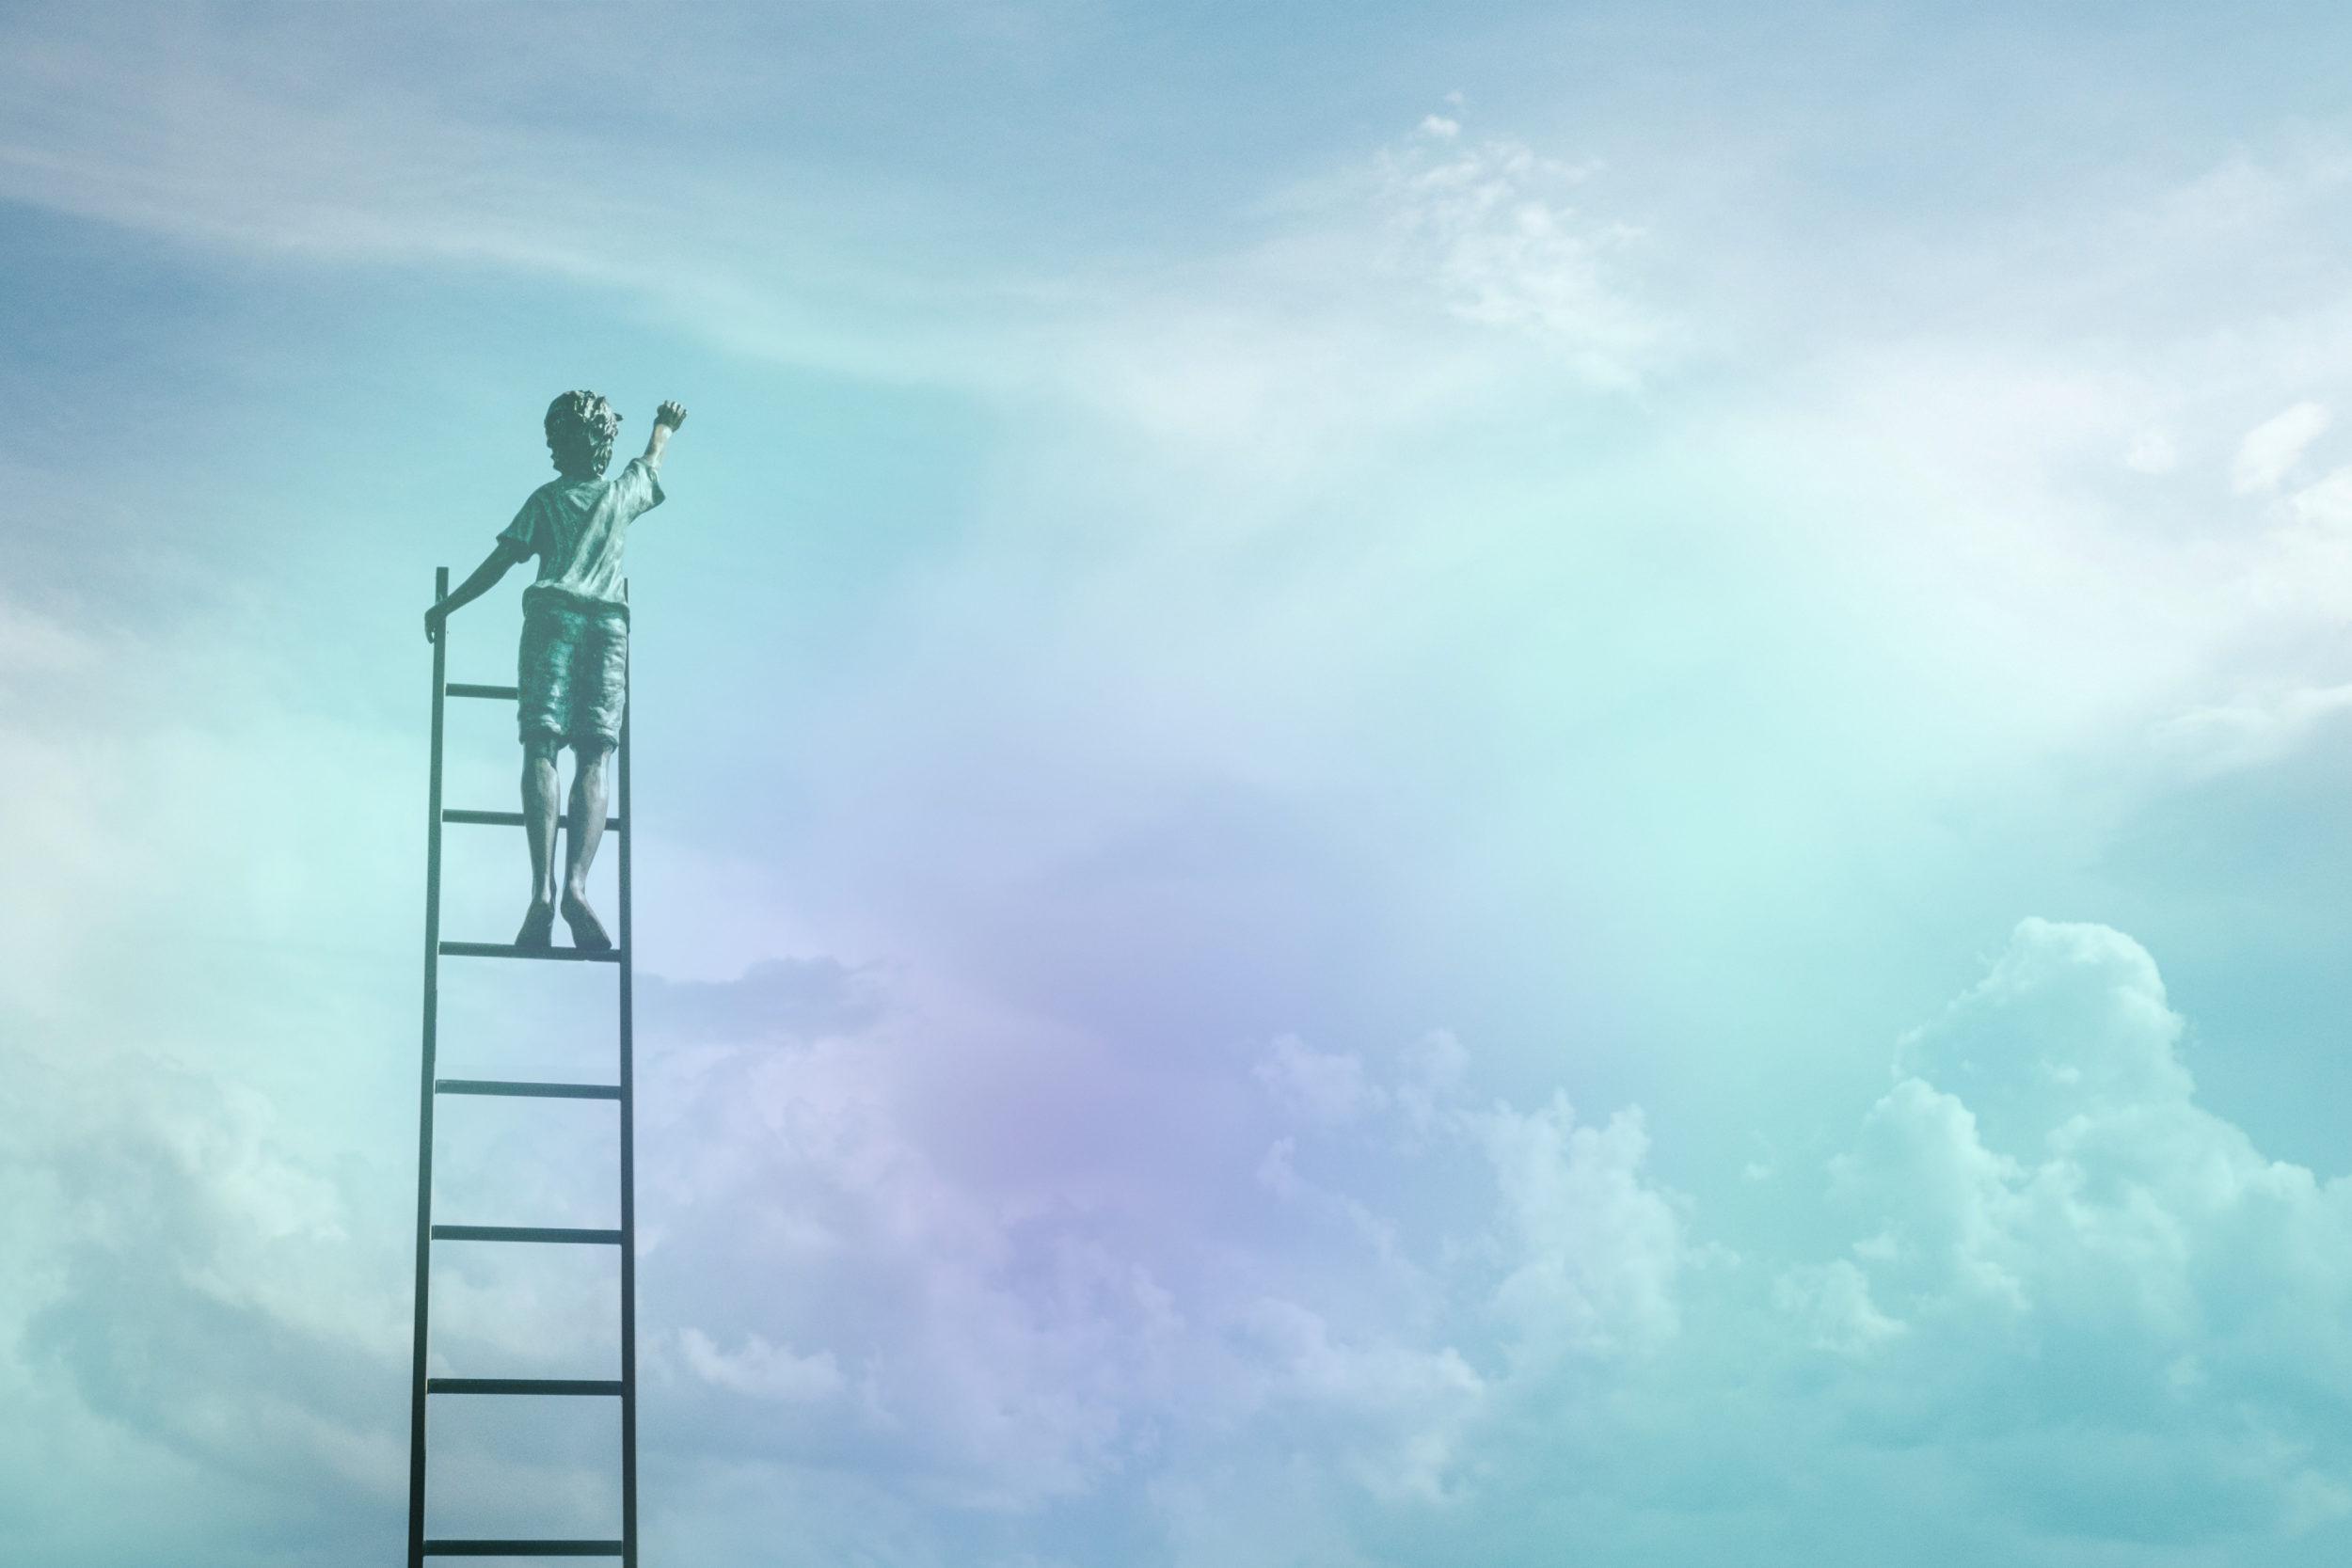 Figur auf Leiter, die in Himmel reicht vor Wolken